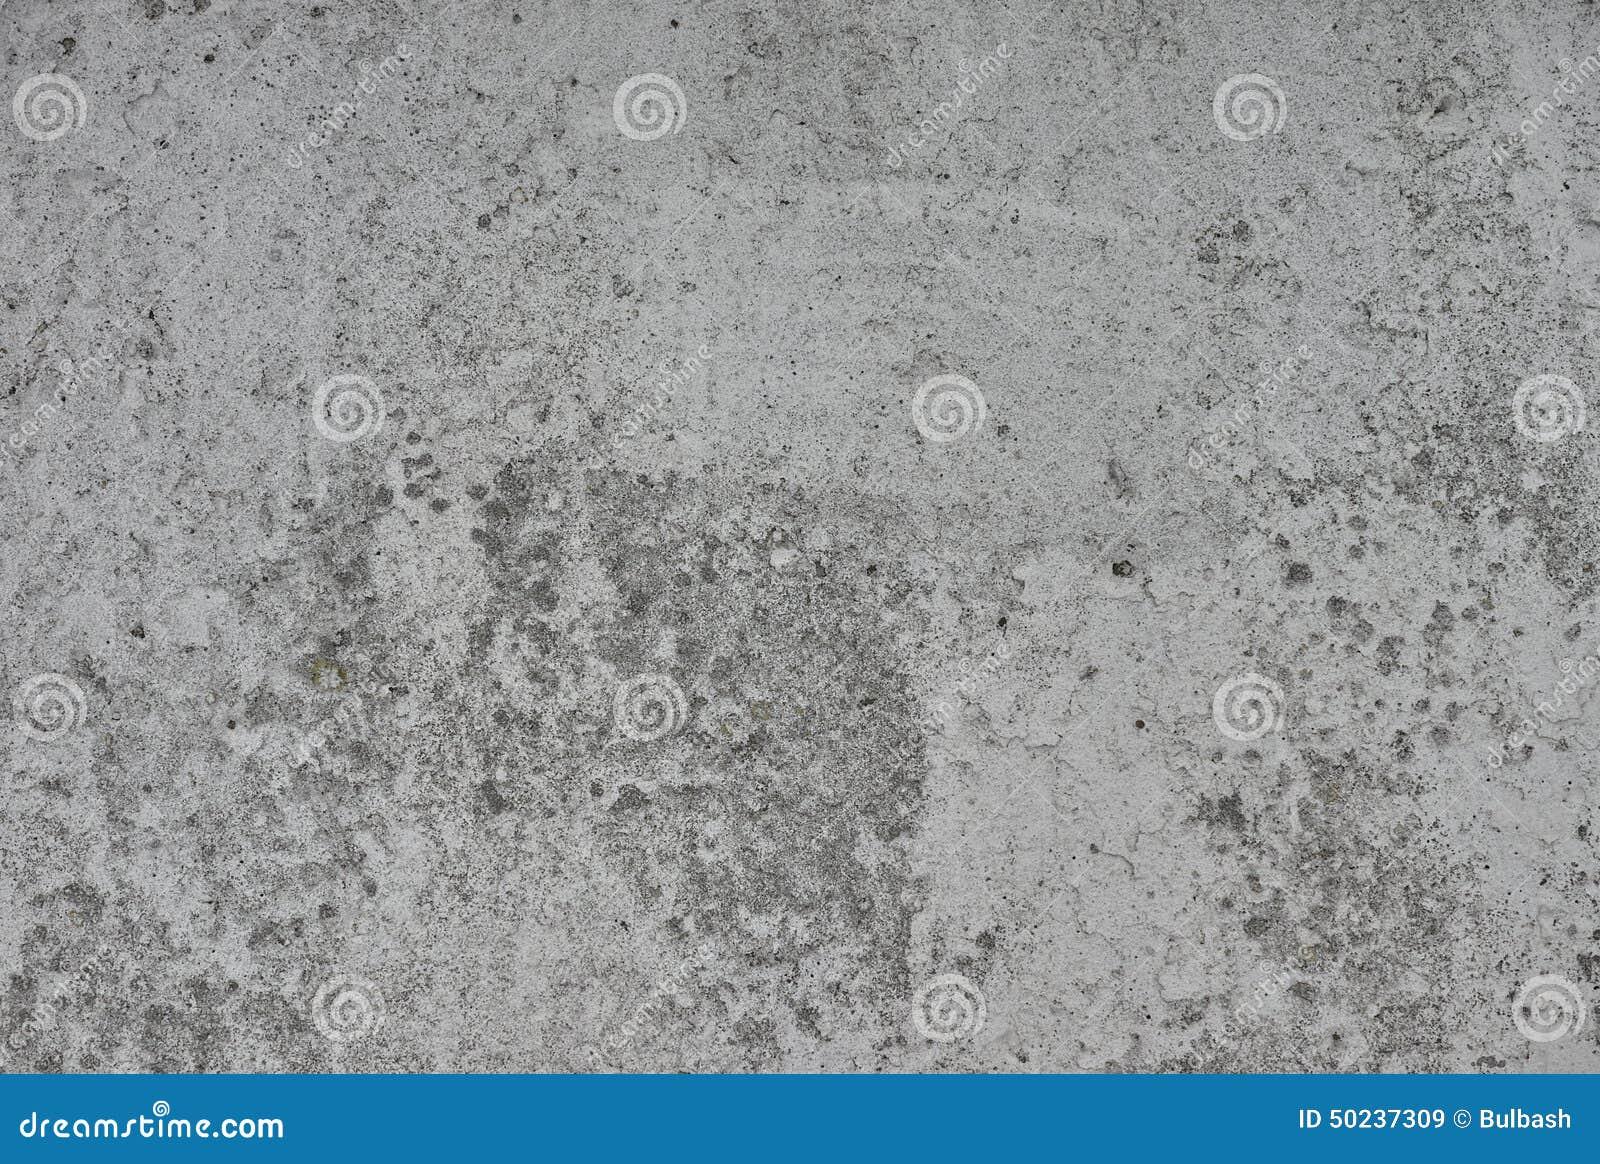 Id серый бетон какие есть строительные растворы